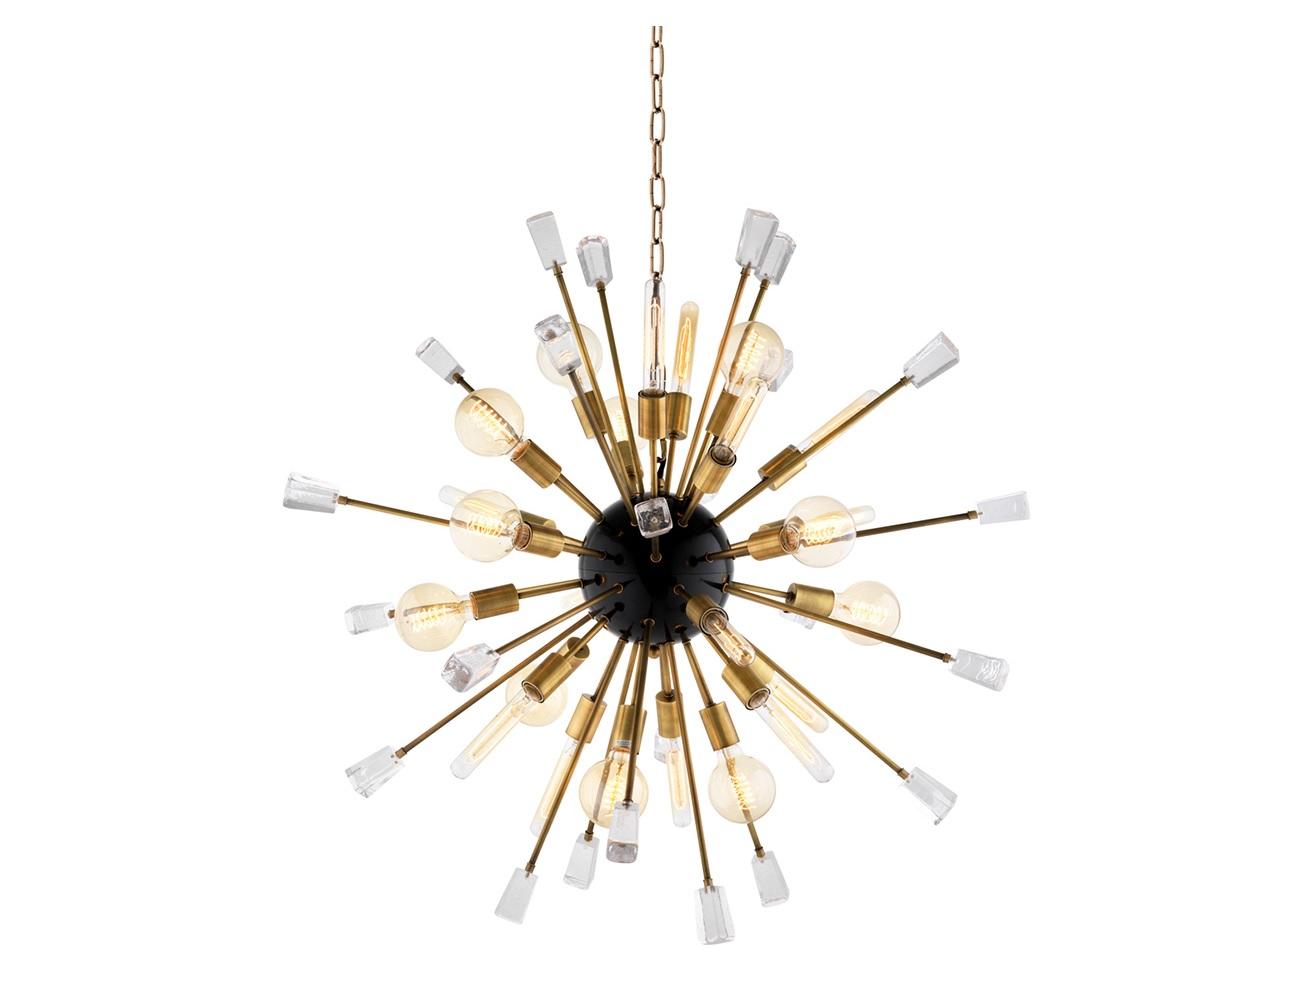 Подвесной светильник TivoliПодвесные светильники<br>Подвесной светильник Chandelier Tivoli S на арматуре цвета латунь. Плафон с оригинальным дизайном в виде &amp;quot;одуванчика&amp;quot;. Прозрачные стеклянные кристаллы в виде декора. Высота светильника регулируется за счет звеньев цепи.&amp;lt;div&amp;gt;&amp;lt;br&amp;gt;&amp;lt;/div&amp;gt;&amp;lt;div&amp;gt;&amp;lt;div&amp;gt;&amp;lt;div&amp;gt;Вид цоколя: E27&amp;lt;/div&amp;gt;&amp;lt;div&amp;gt;Мощность лампы: 40W&amp;lt;/div&amp;gt;&amp;lt;div&amp;gt;Количество ламп: 24&amp;lt;/div&amp;gt;&amp;lt;/div&amp;gt;&amp;lt;div&amp;gt;&amp;lt;br&amp;gt;&amp;lt;/div&amp;gt;&amp;lt;div&amp;gt;Лампочки в комплект не входят.&amp;lt;/div&amp;gt;&amp;lt;/div&amp;gt;<br><br>Material: Металл<br>Ширина см: 102.0<br>Высота см: 102.0<br>Глубина см: 102.0